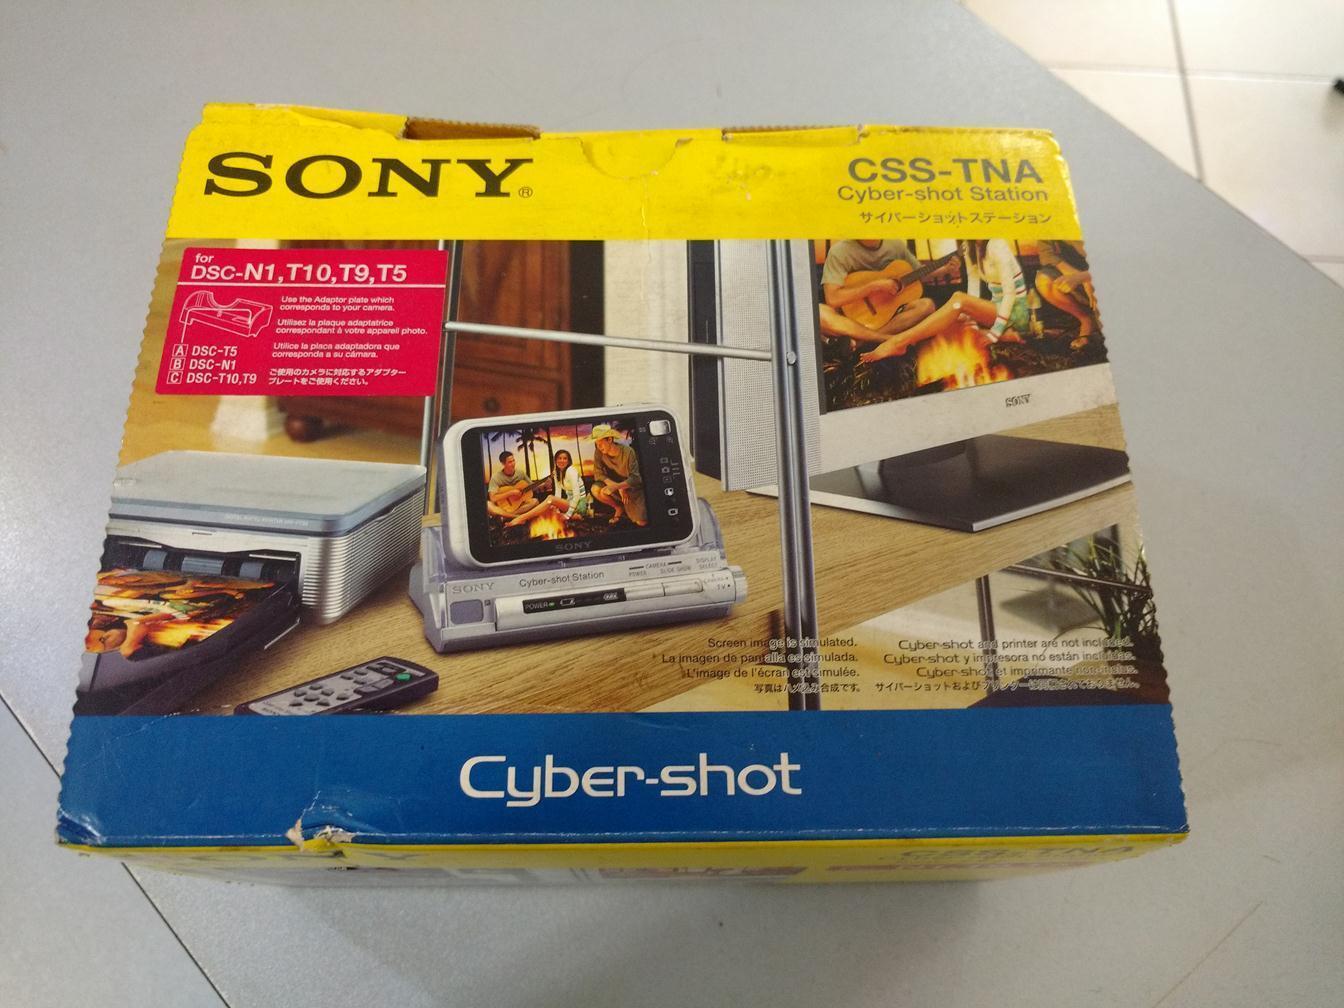 Sony CSS-TNA Cybershot Station for DSC-T5, DSC-T9, DSC-N1 Digital Cameras